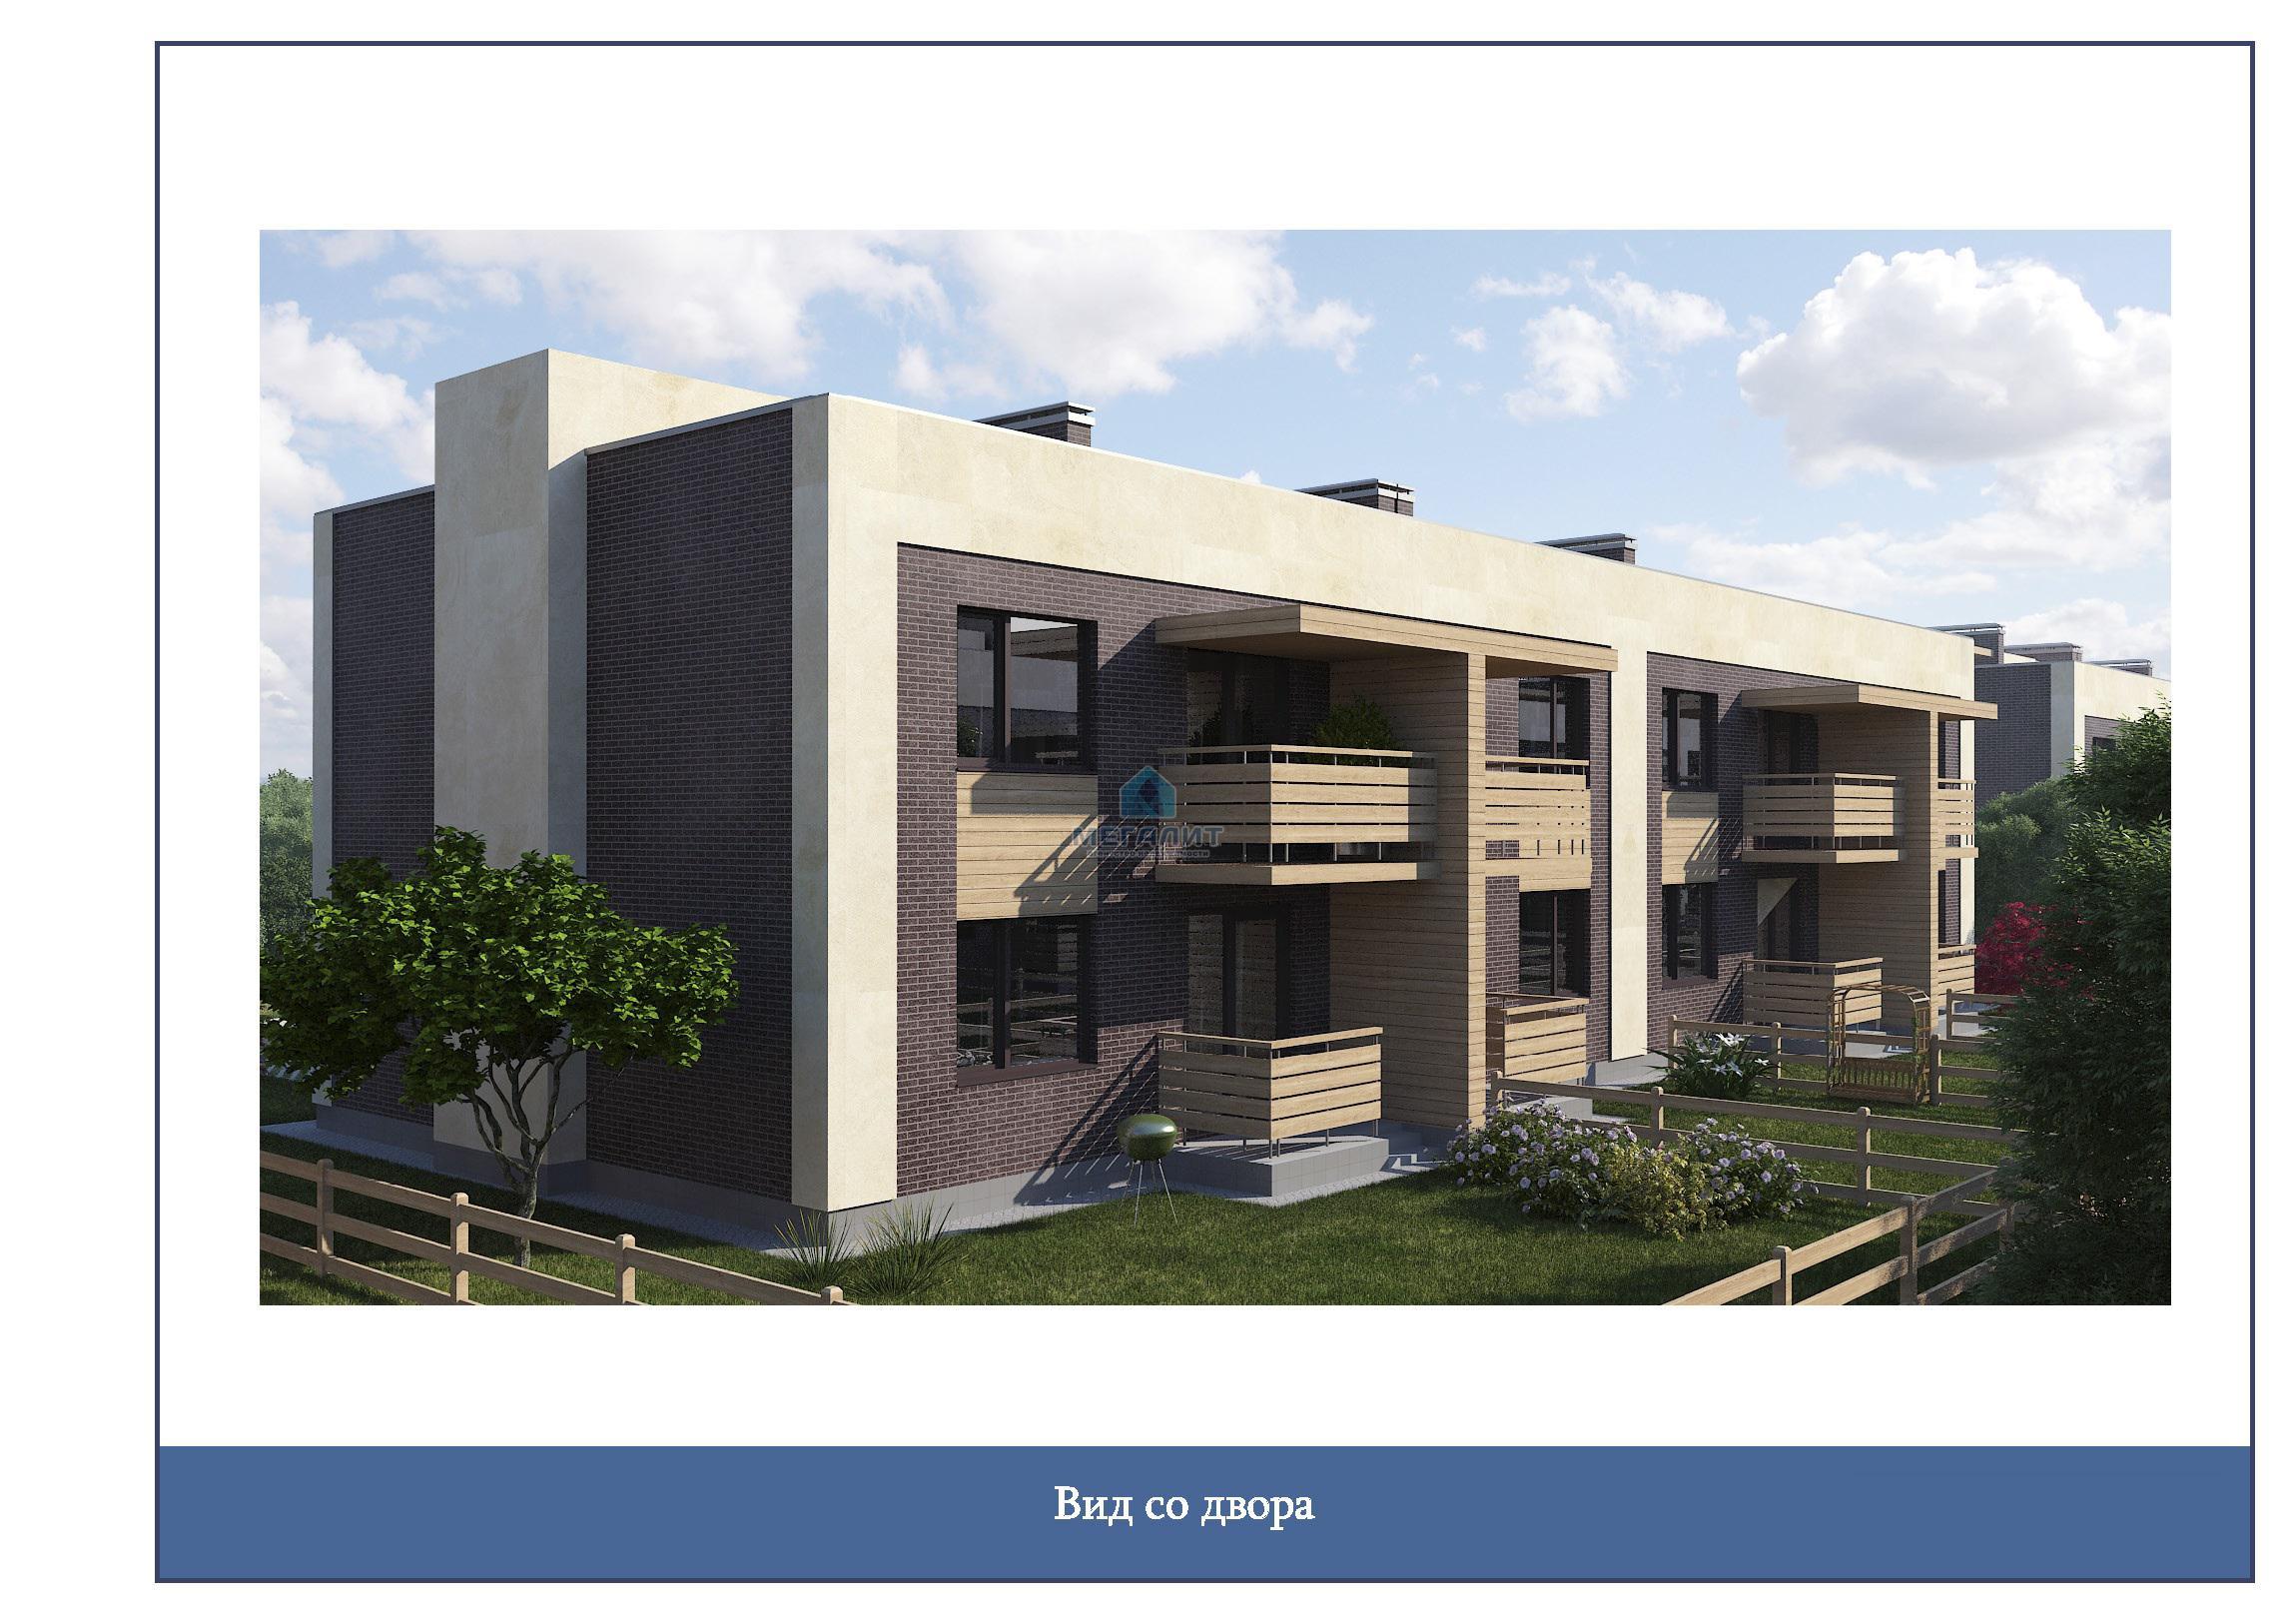 Продаю  квартиру в новом  кирпичном доме с видом на Волгу (миниатюра №4)